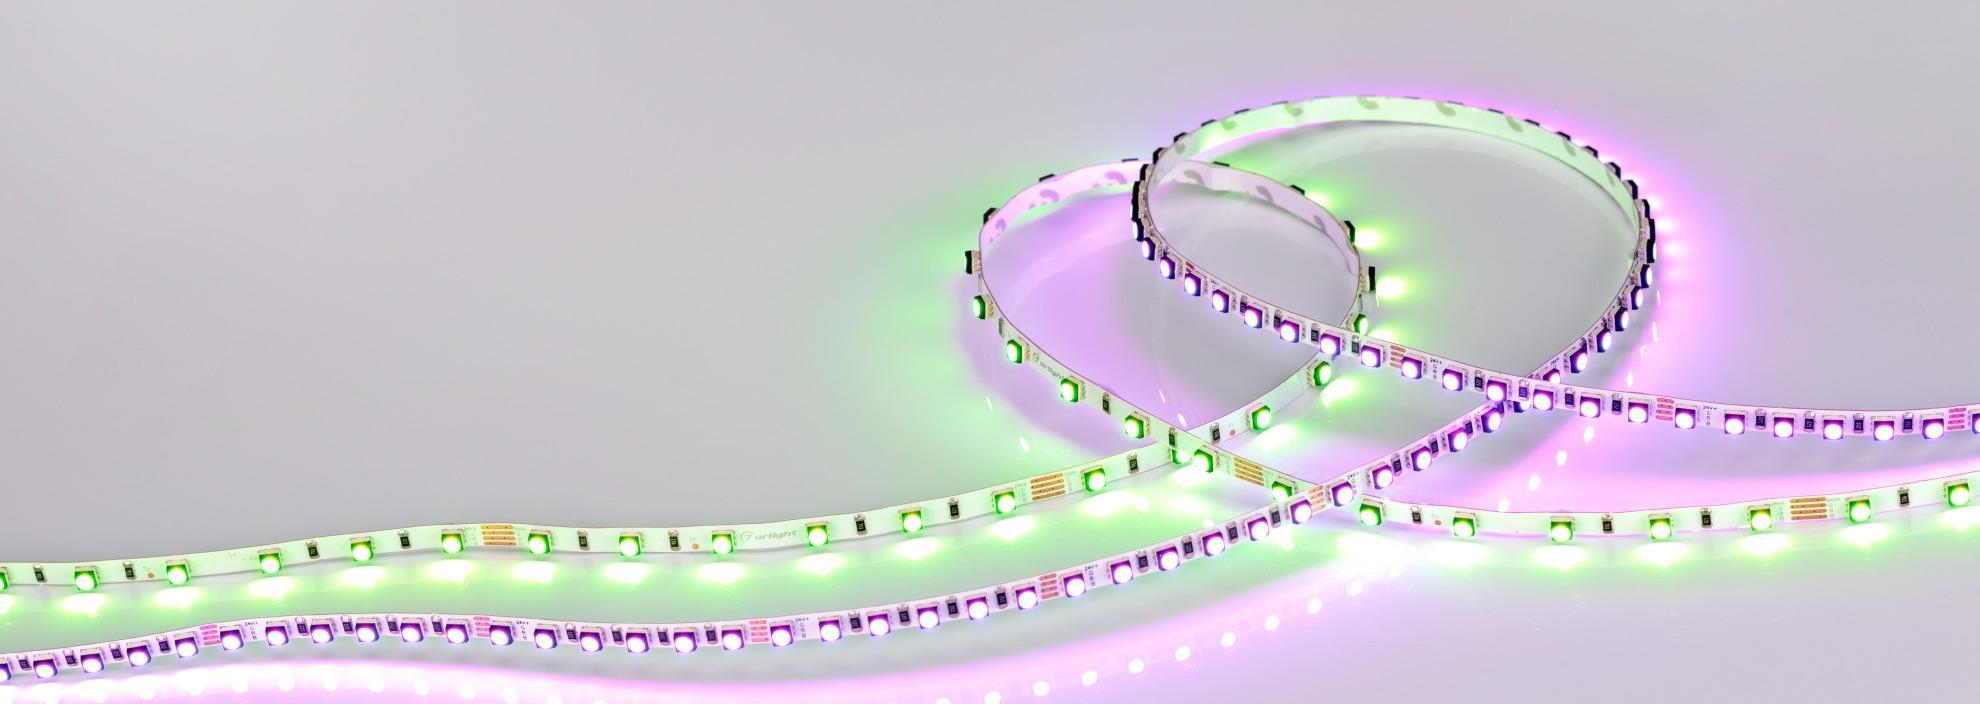 Светодиодные RGB-ленты Mini станут отличным решением для интерьеров с нестандартными дизайнерскими задумками!